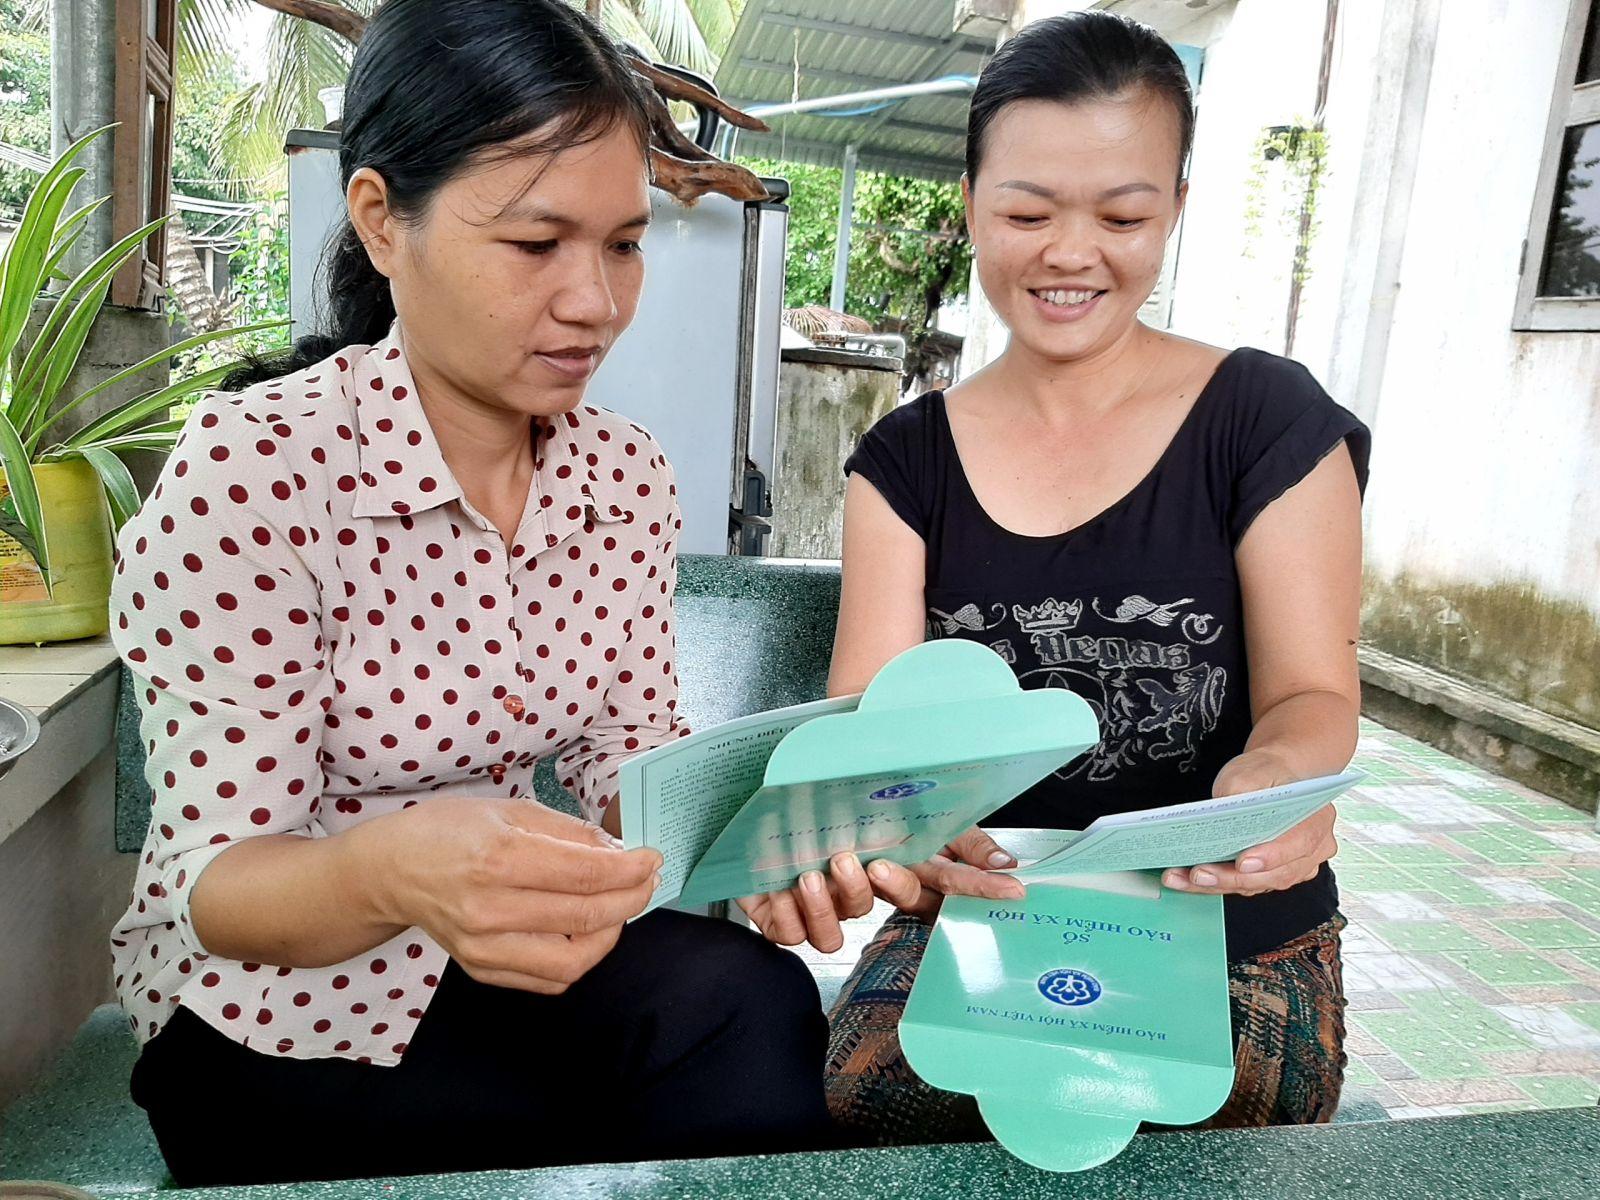 Chị Trần Thị Mộng Tuyền (phải) xem sổ bảo hiểm xã hội tự nguyện của hai vợ chồng là tài sản, một loại tài sản bền chắc và không thể mất mát đi đâu được